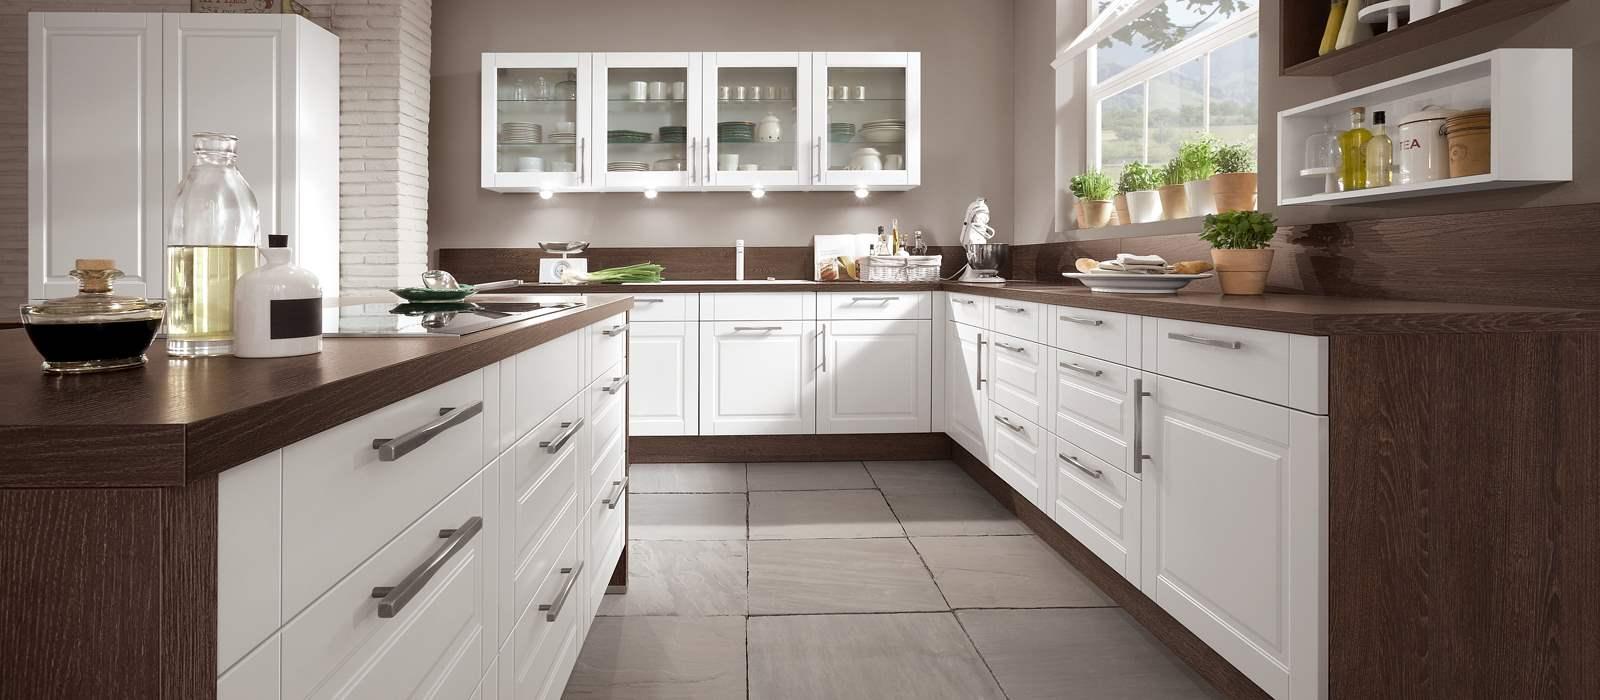 Free kitchen design consultation free modern kitchens catalog how much